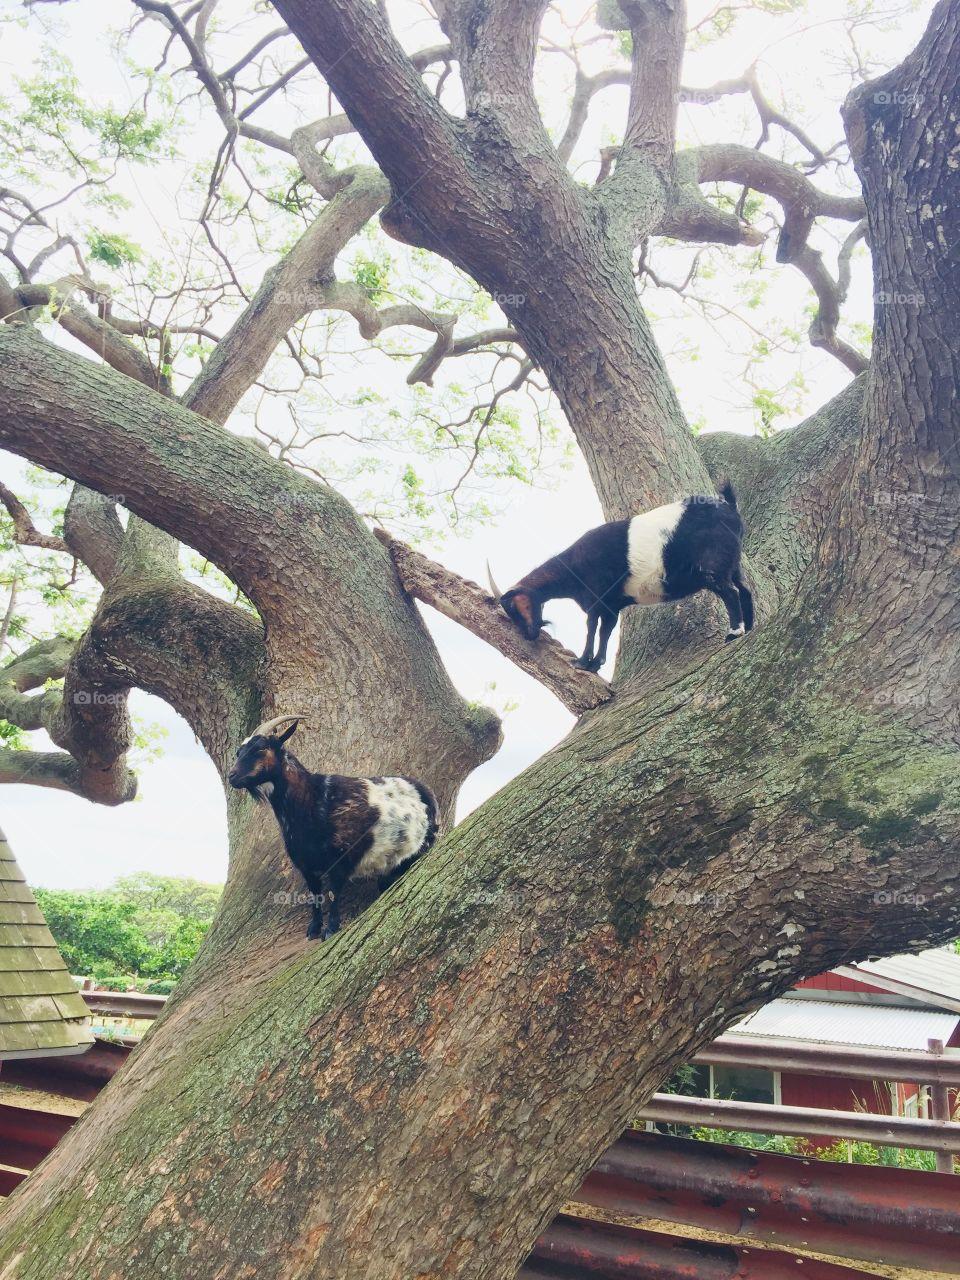 Goats on a tree